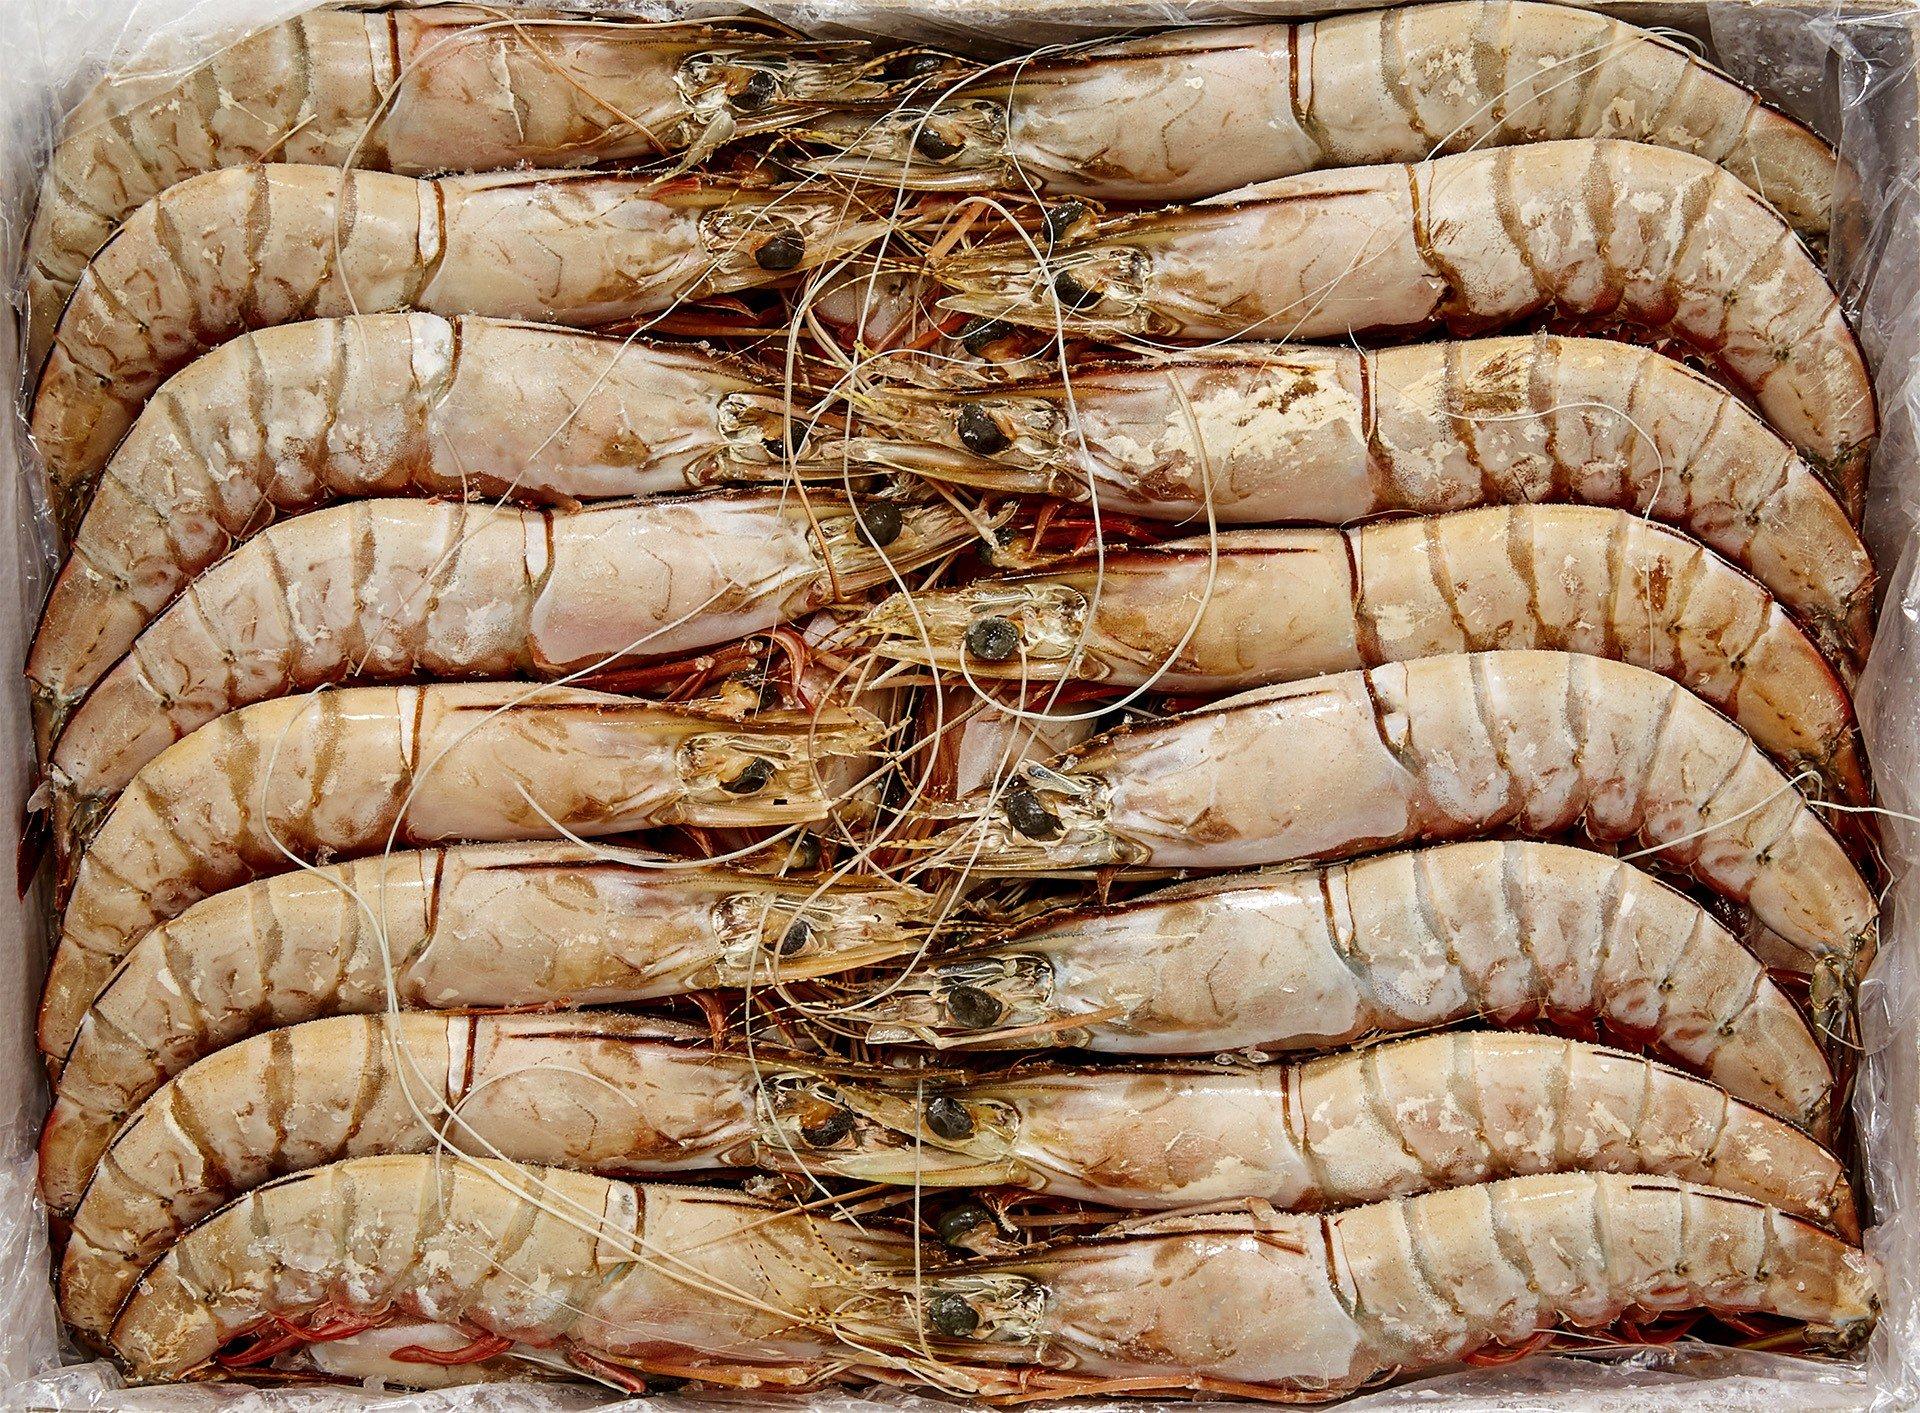 Camarão banana Moçambique 10-20